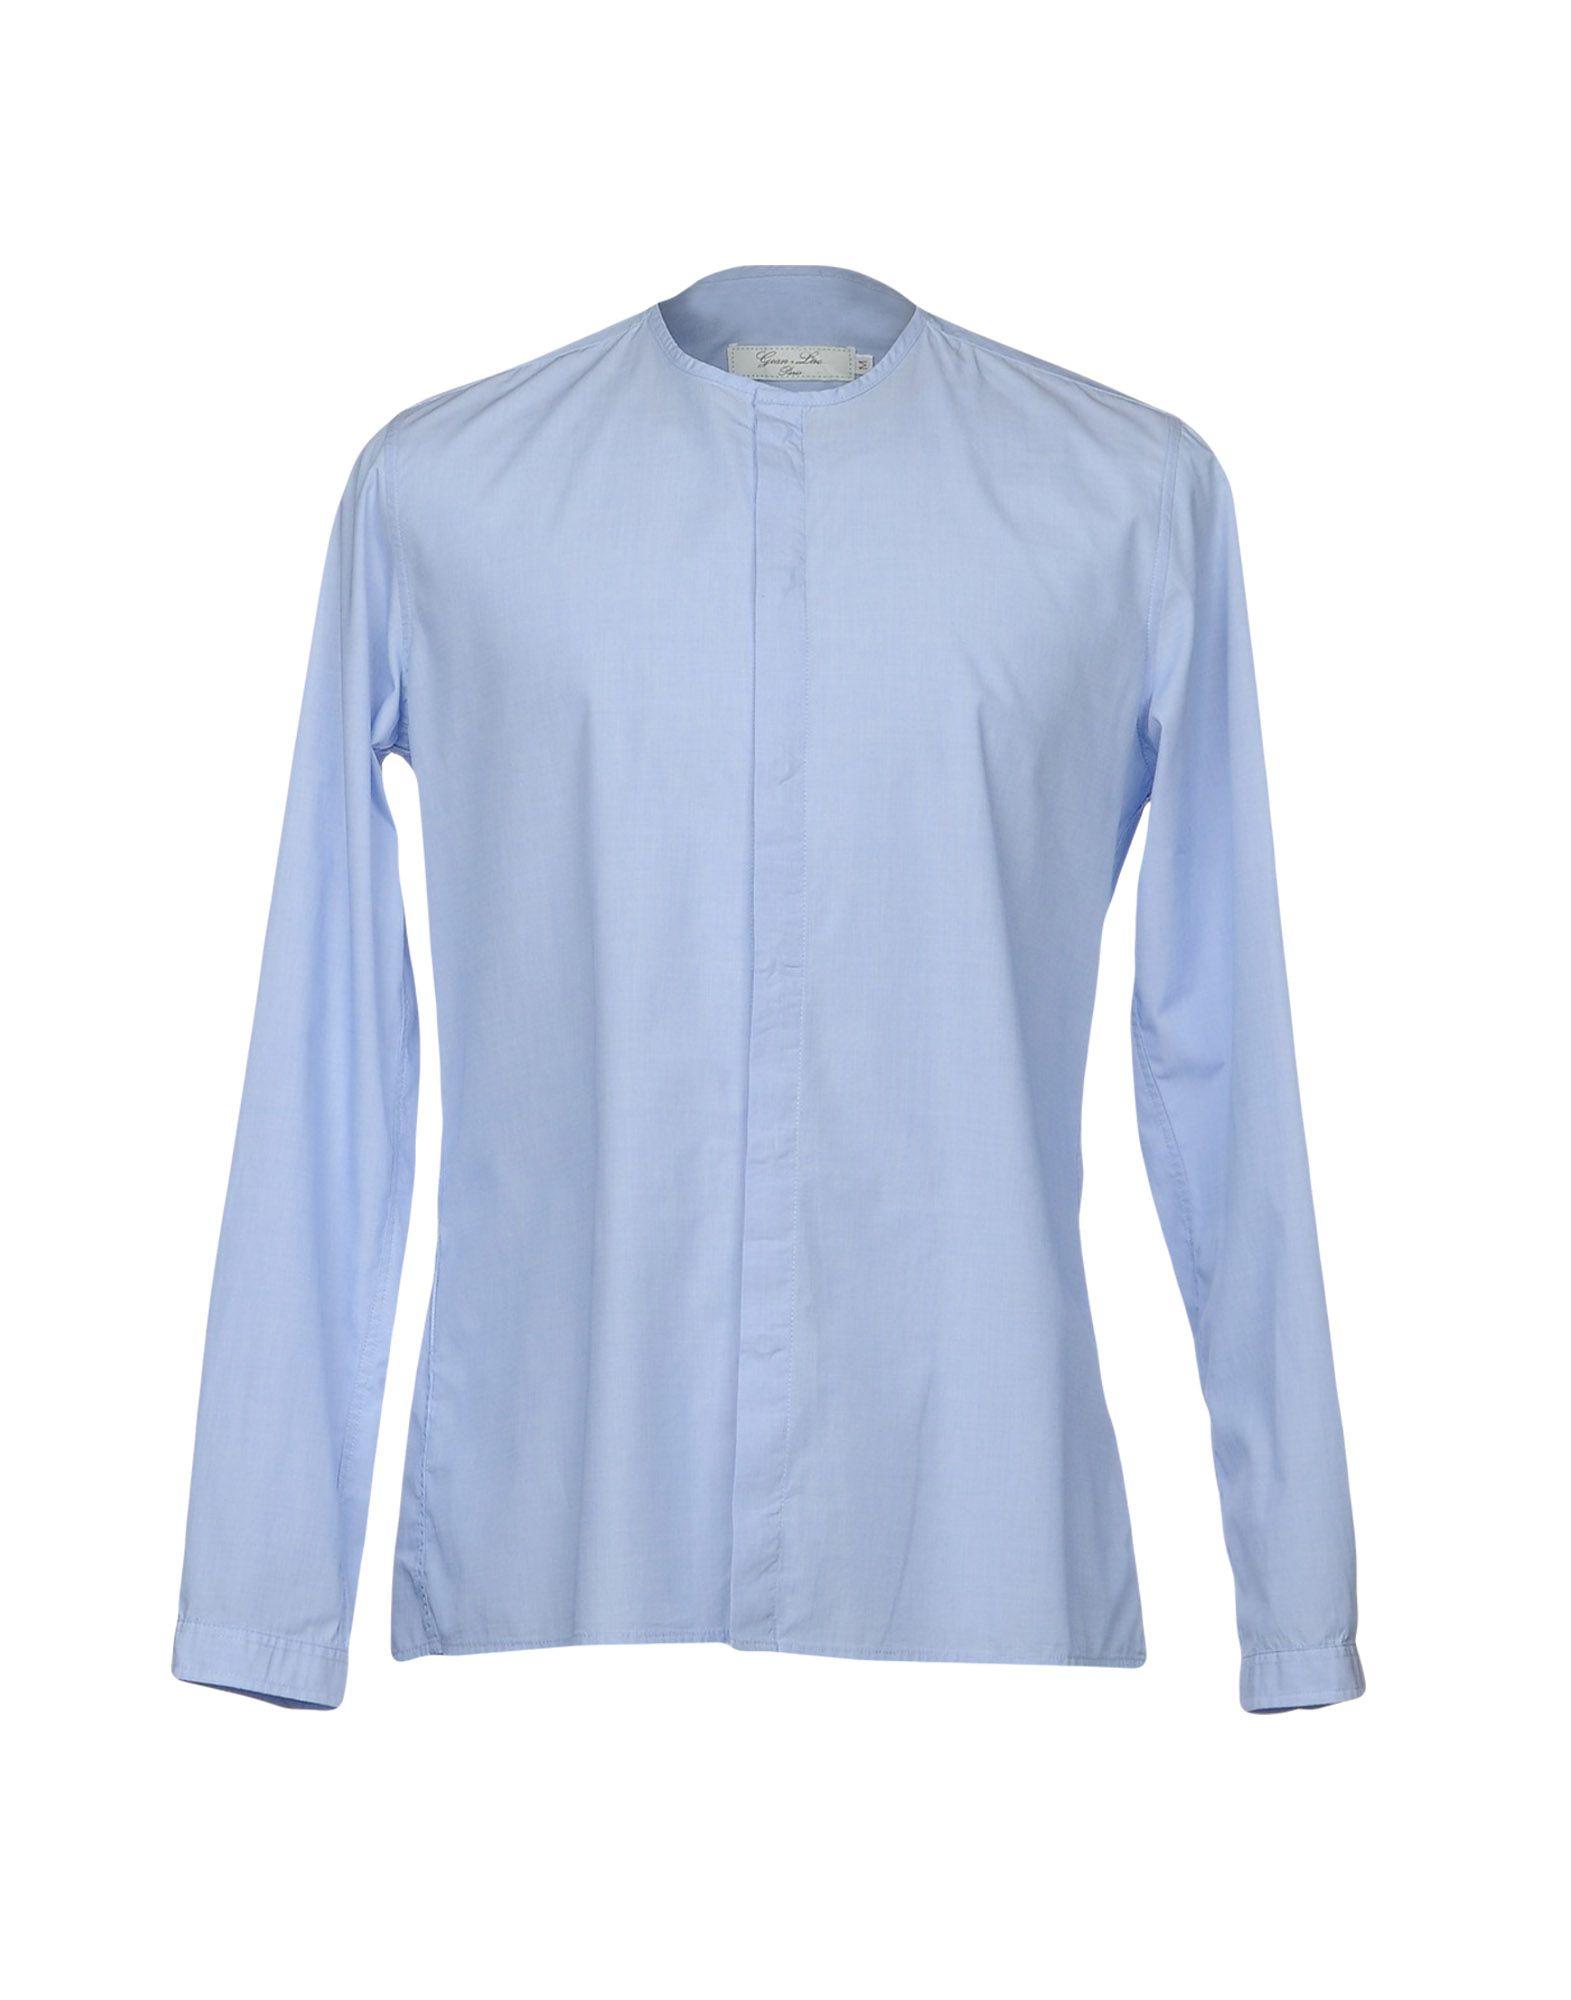 Camicia Tinta Unita Uomo Gean.Luc Uomo Unita - 38697311LK e8a8c9